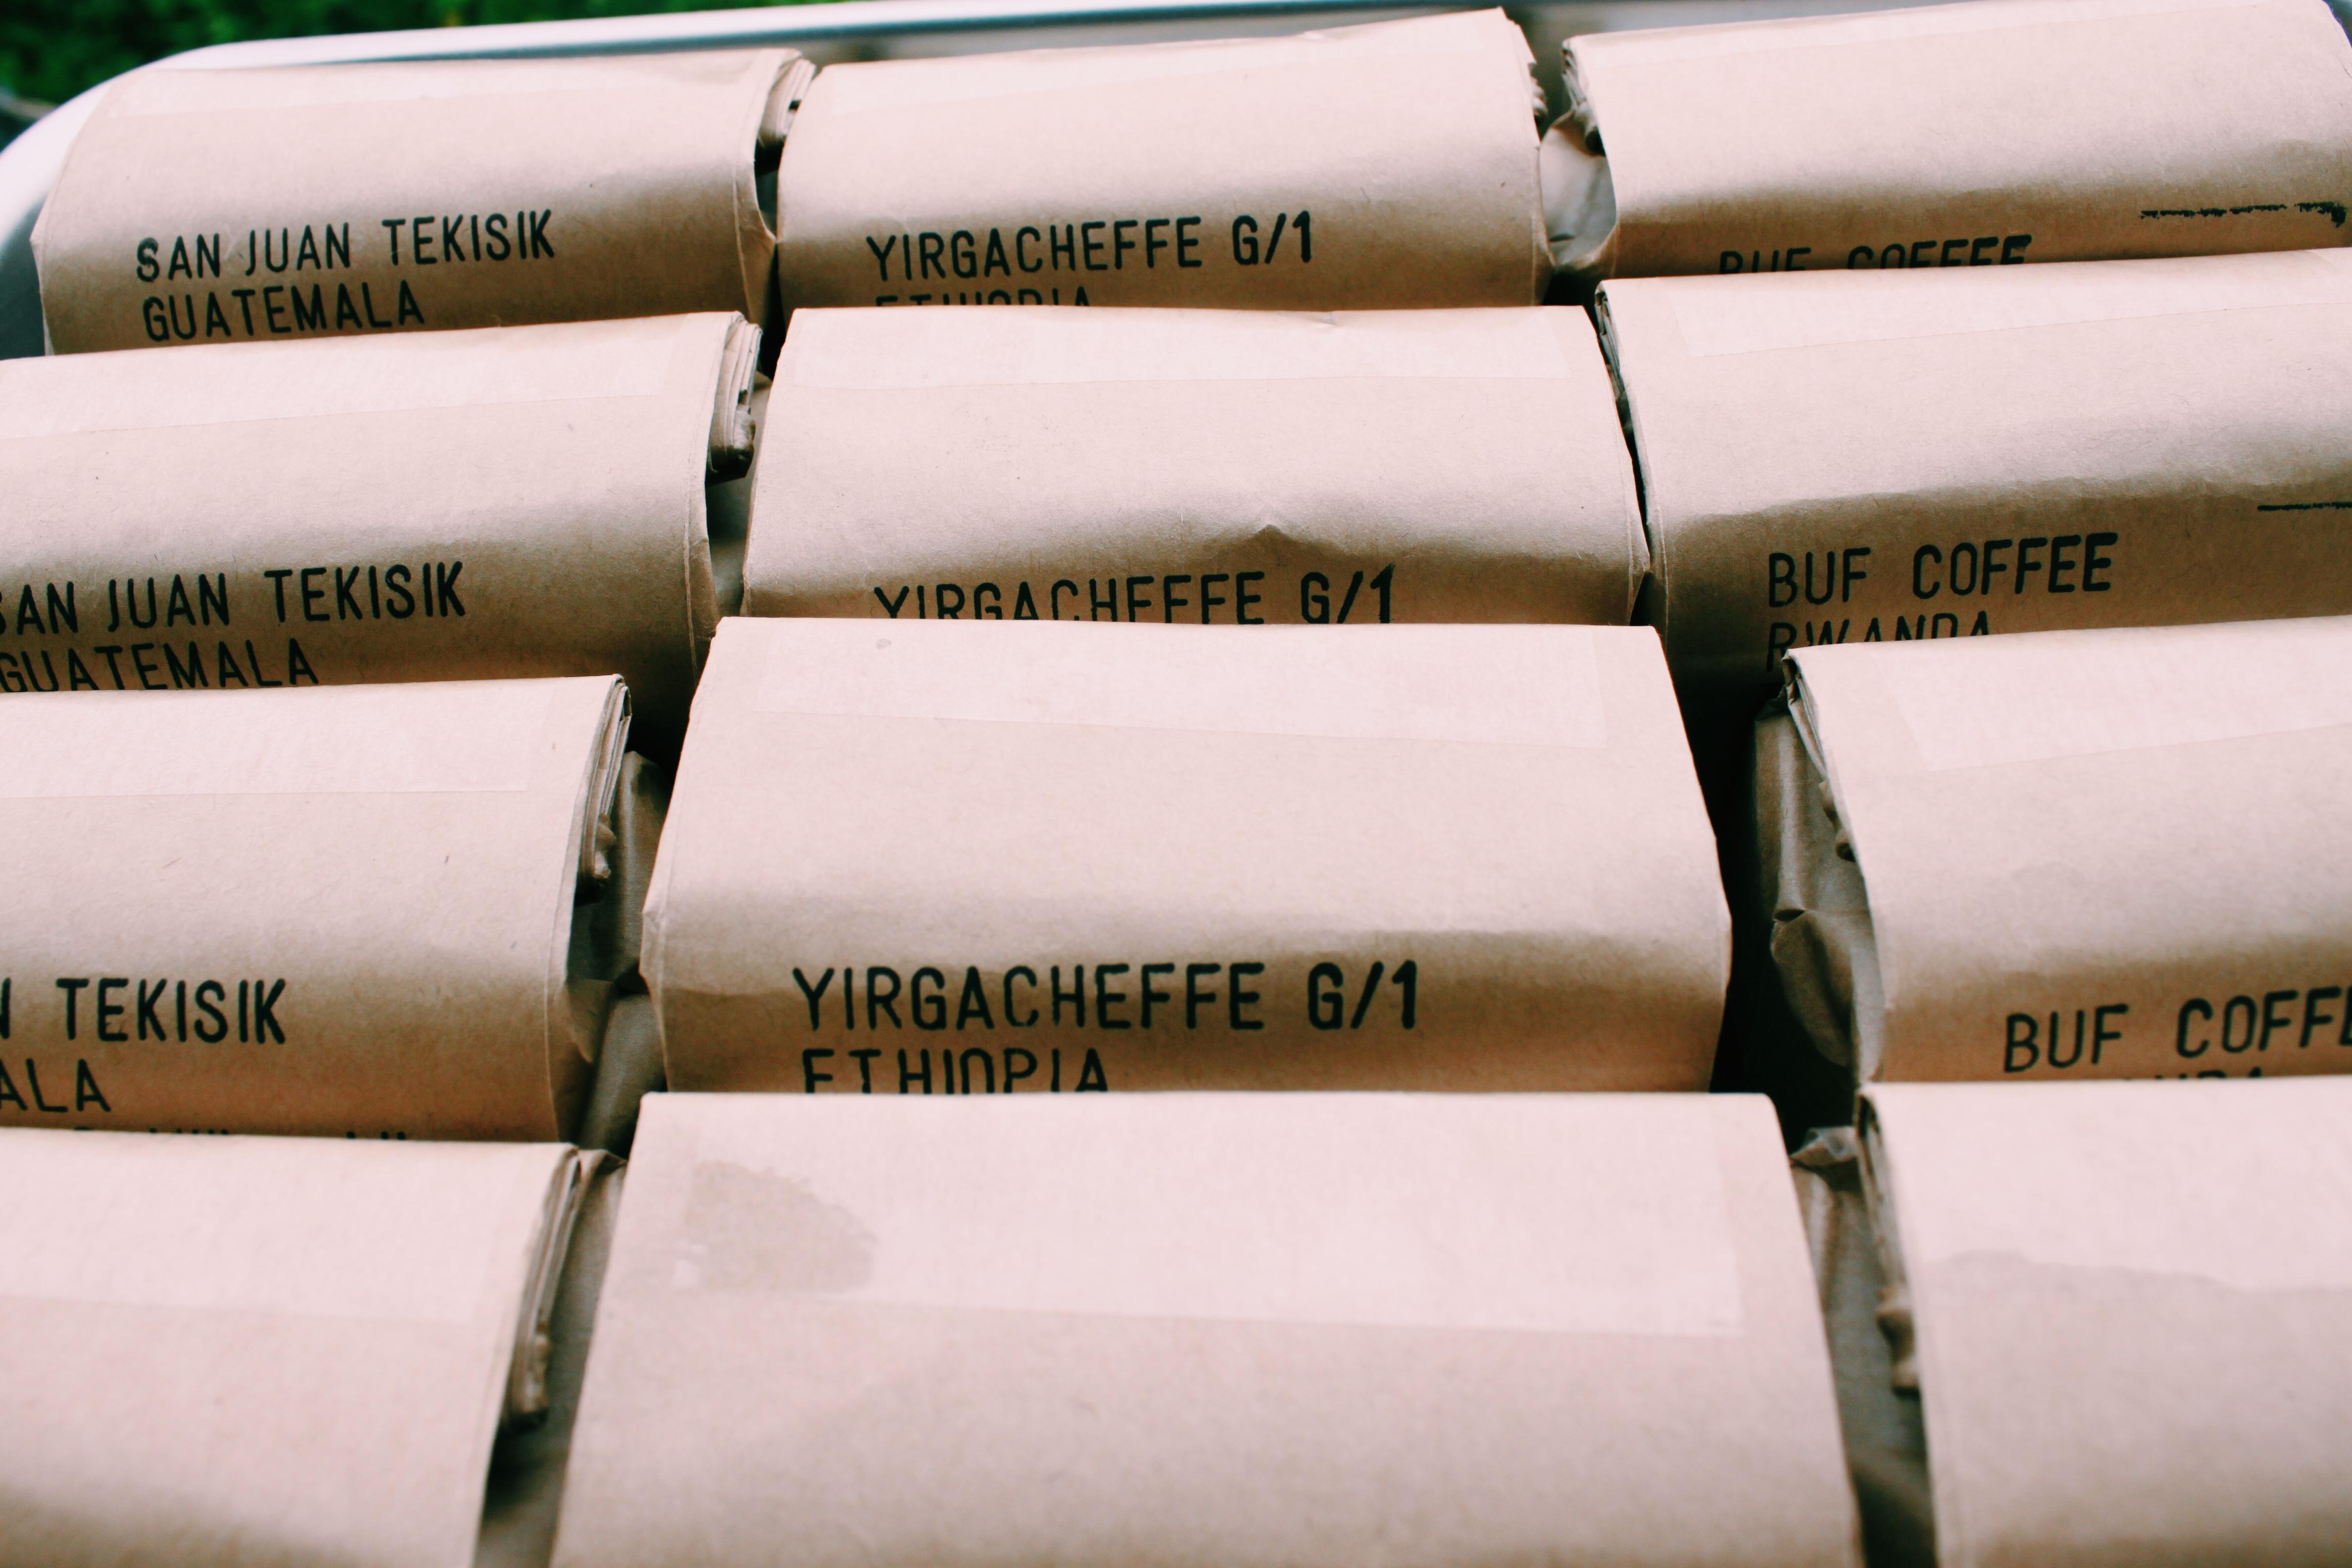 東急ハンズ京都店で期間限定でコーヒー豆を購入いただけます。【6月18日(土)〜26日(日)】